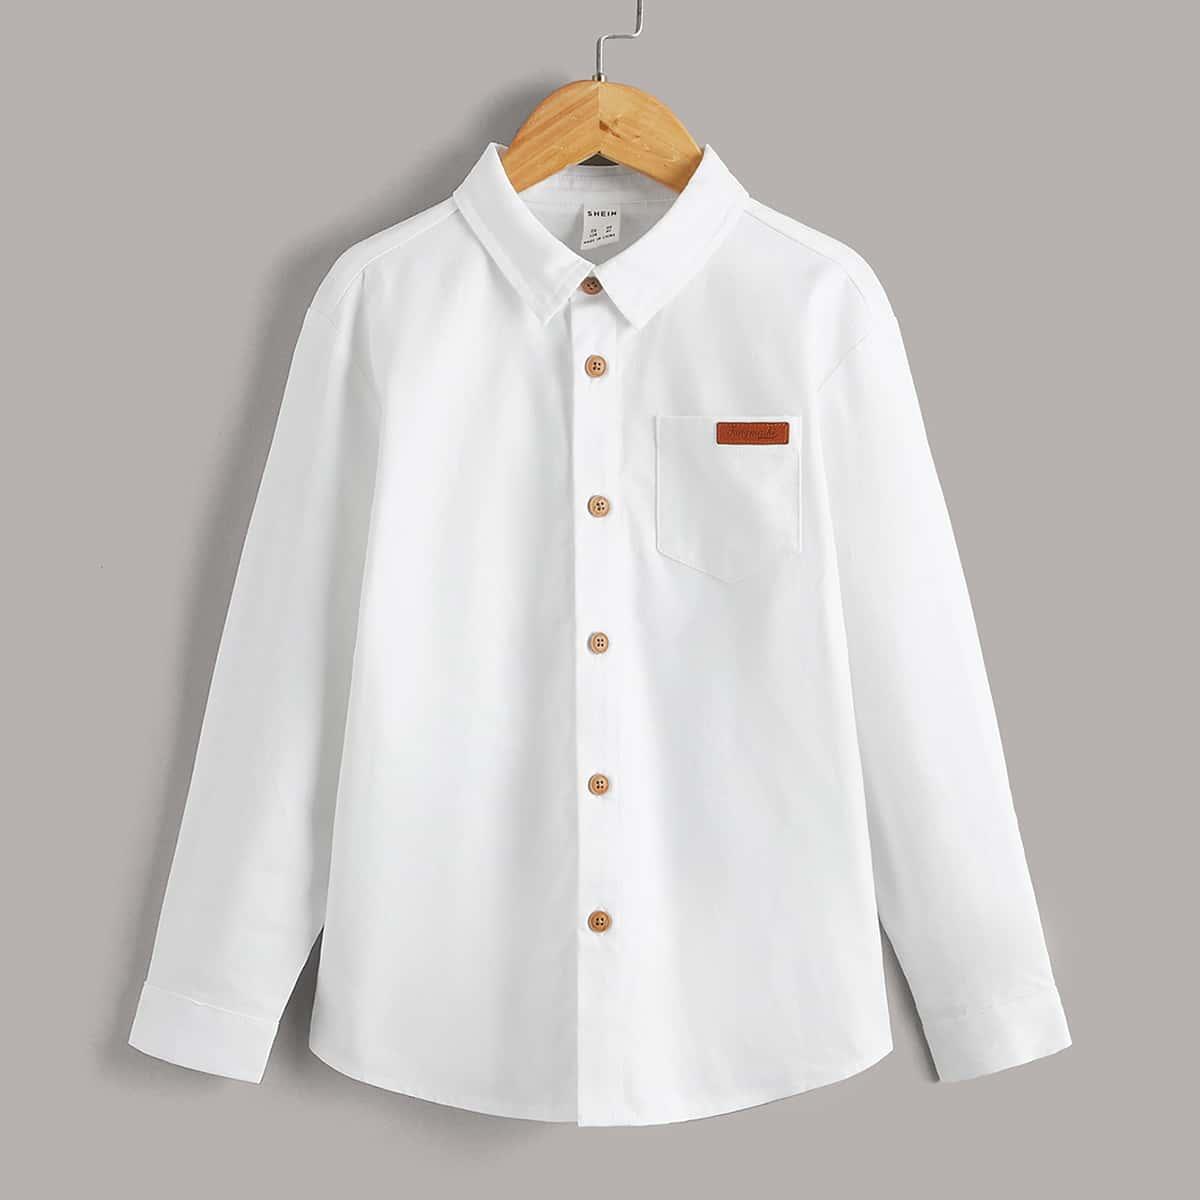 для мальчиков Рубашка с заплатой с карманом на пуговицах